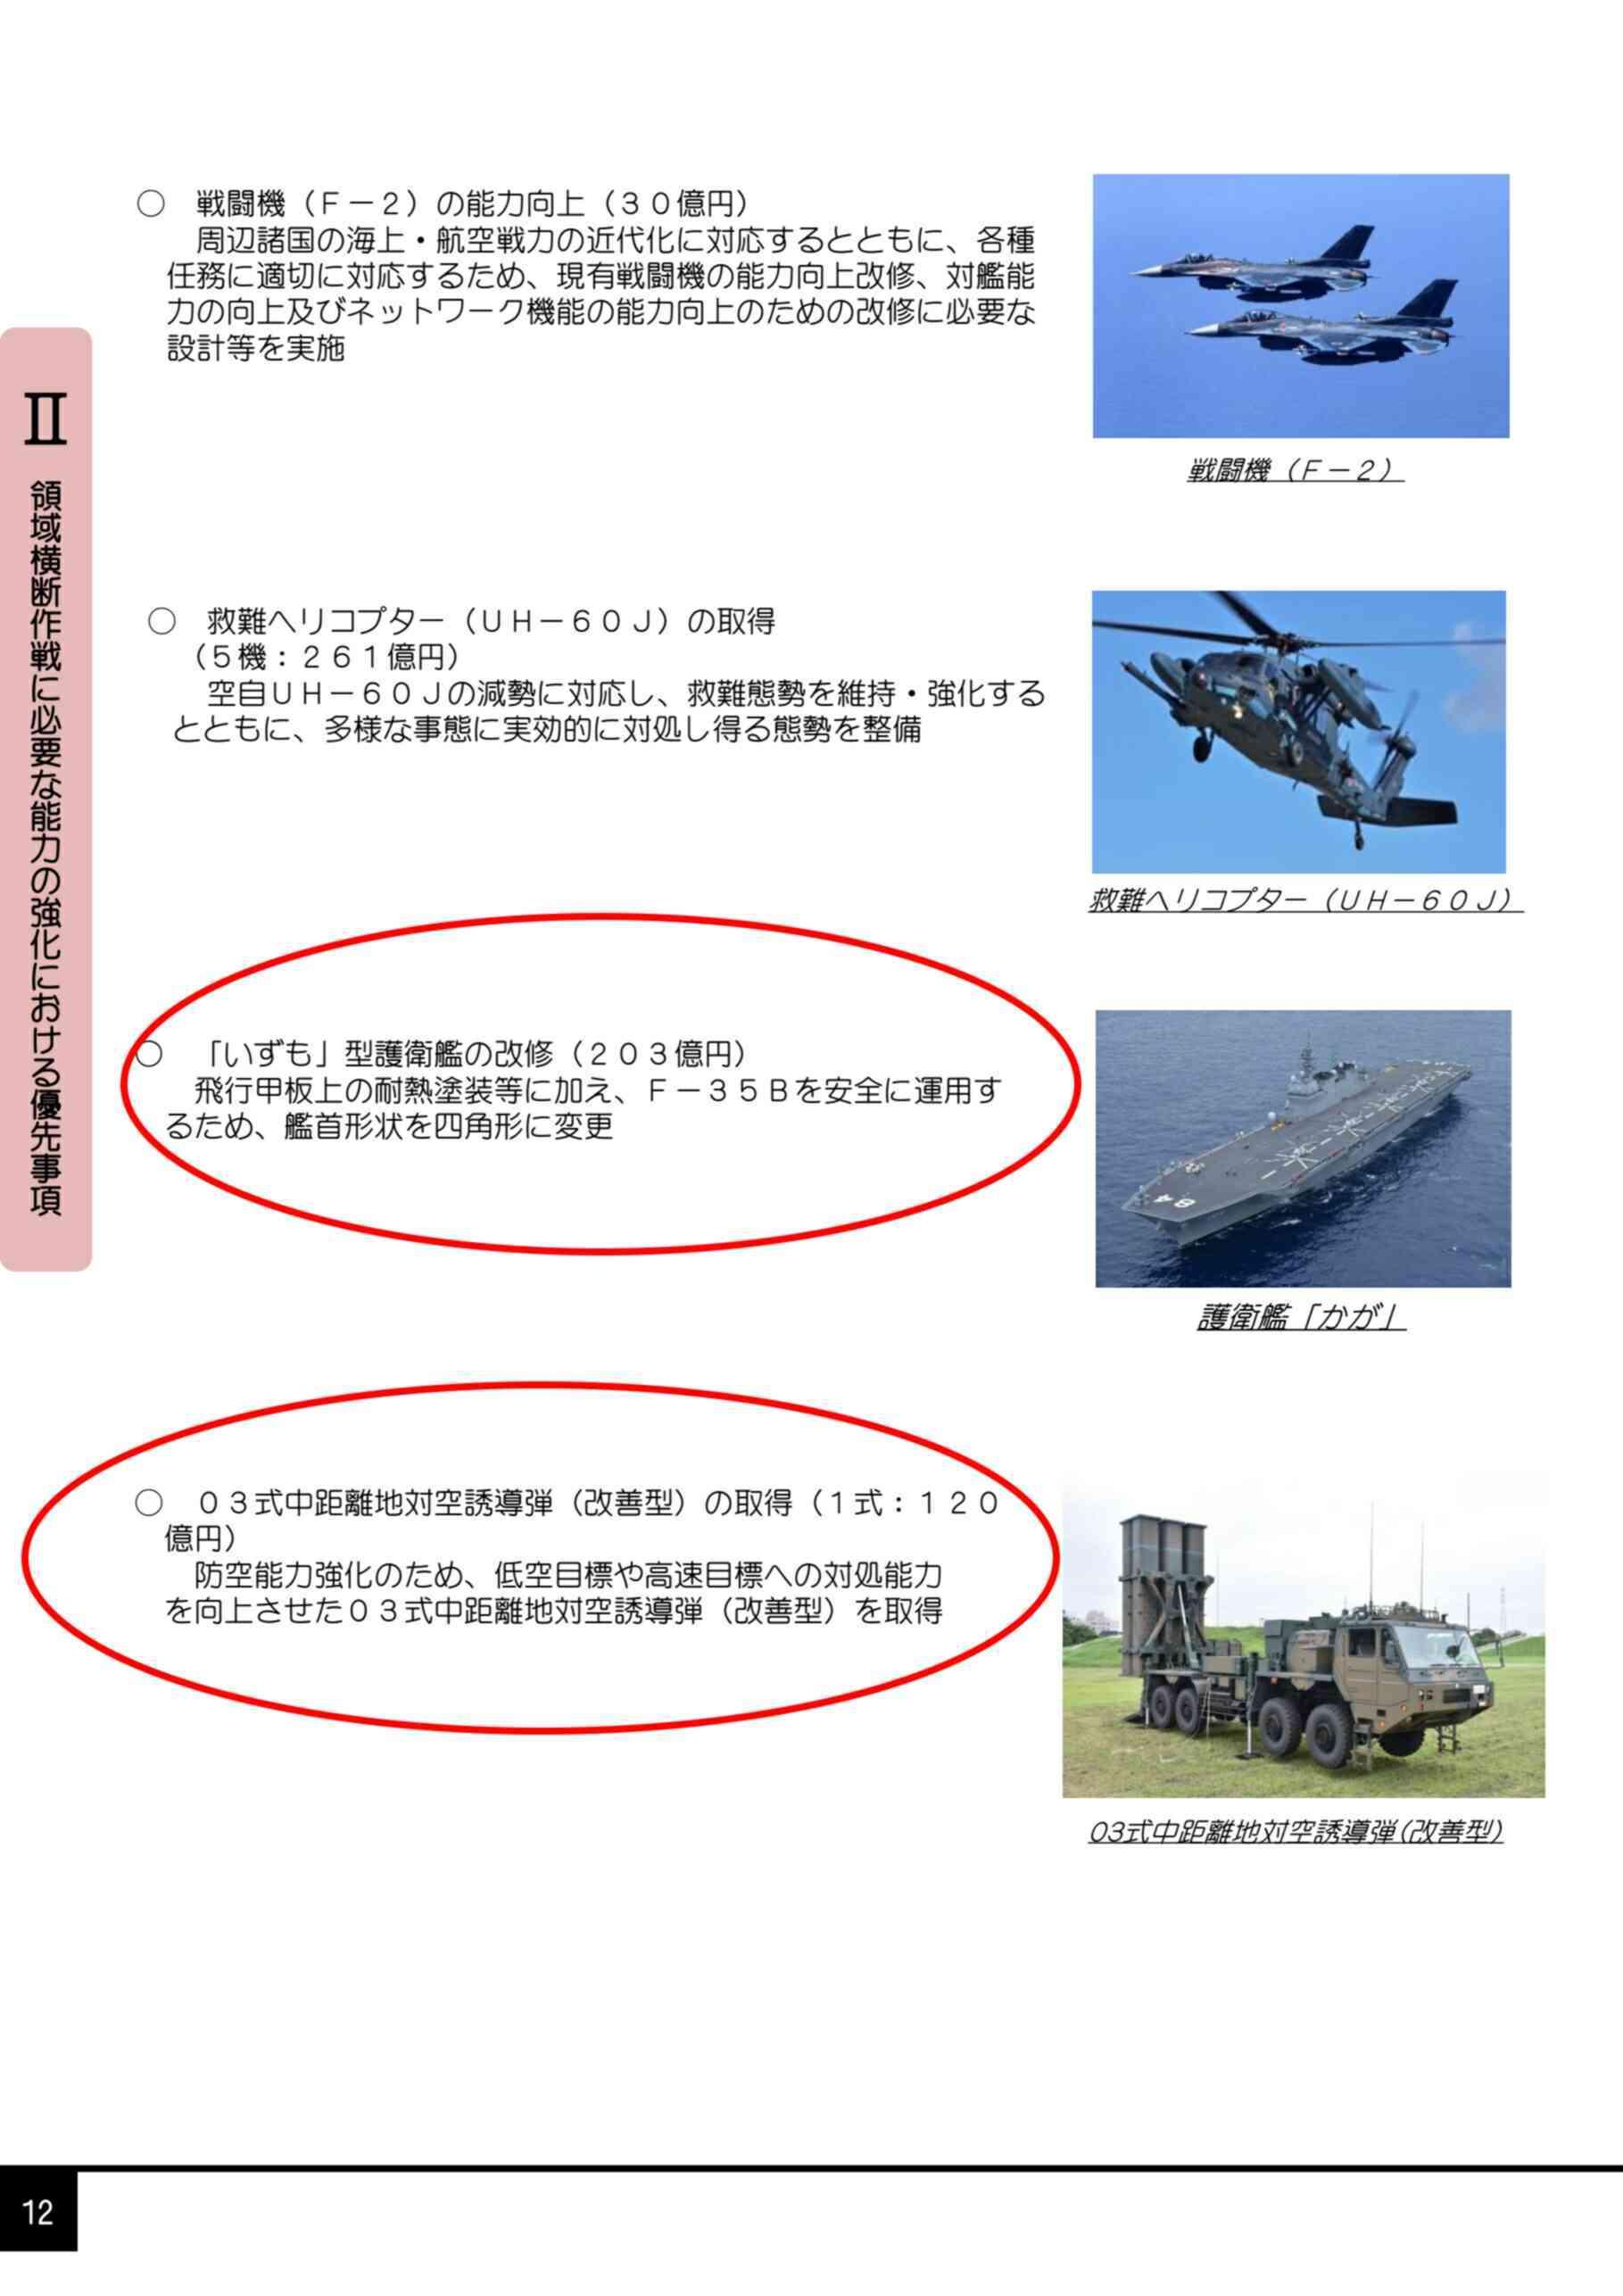 我が国の防衛と予算(案)2021年度予算の概要0016